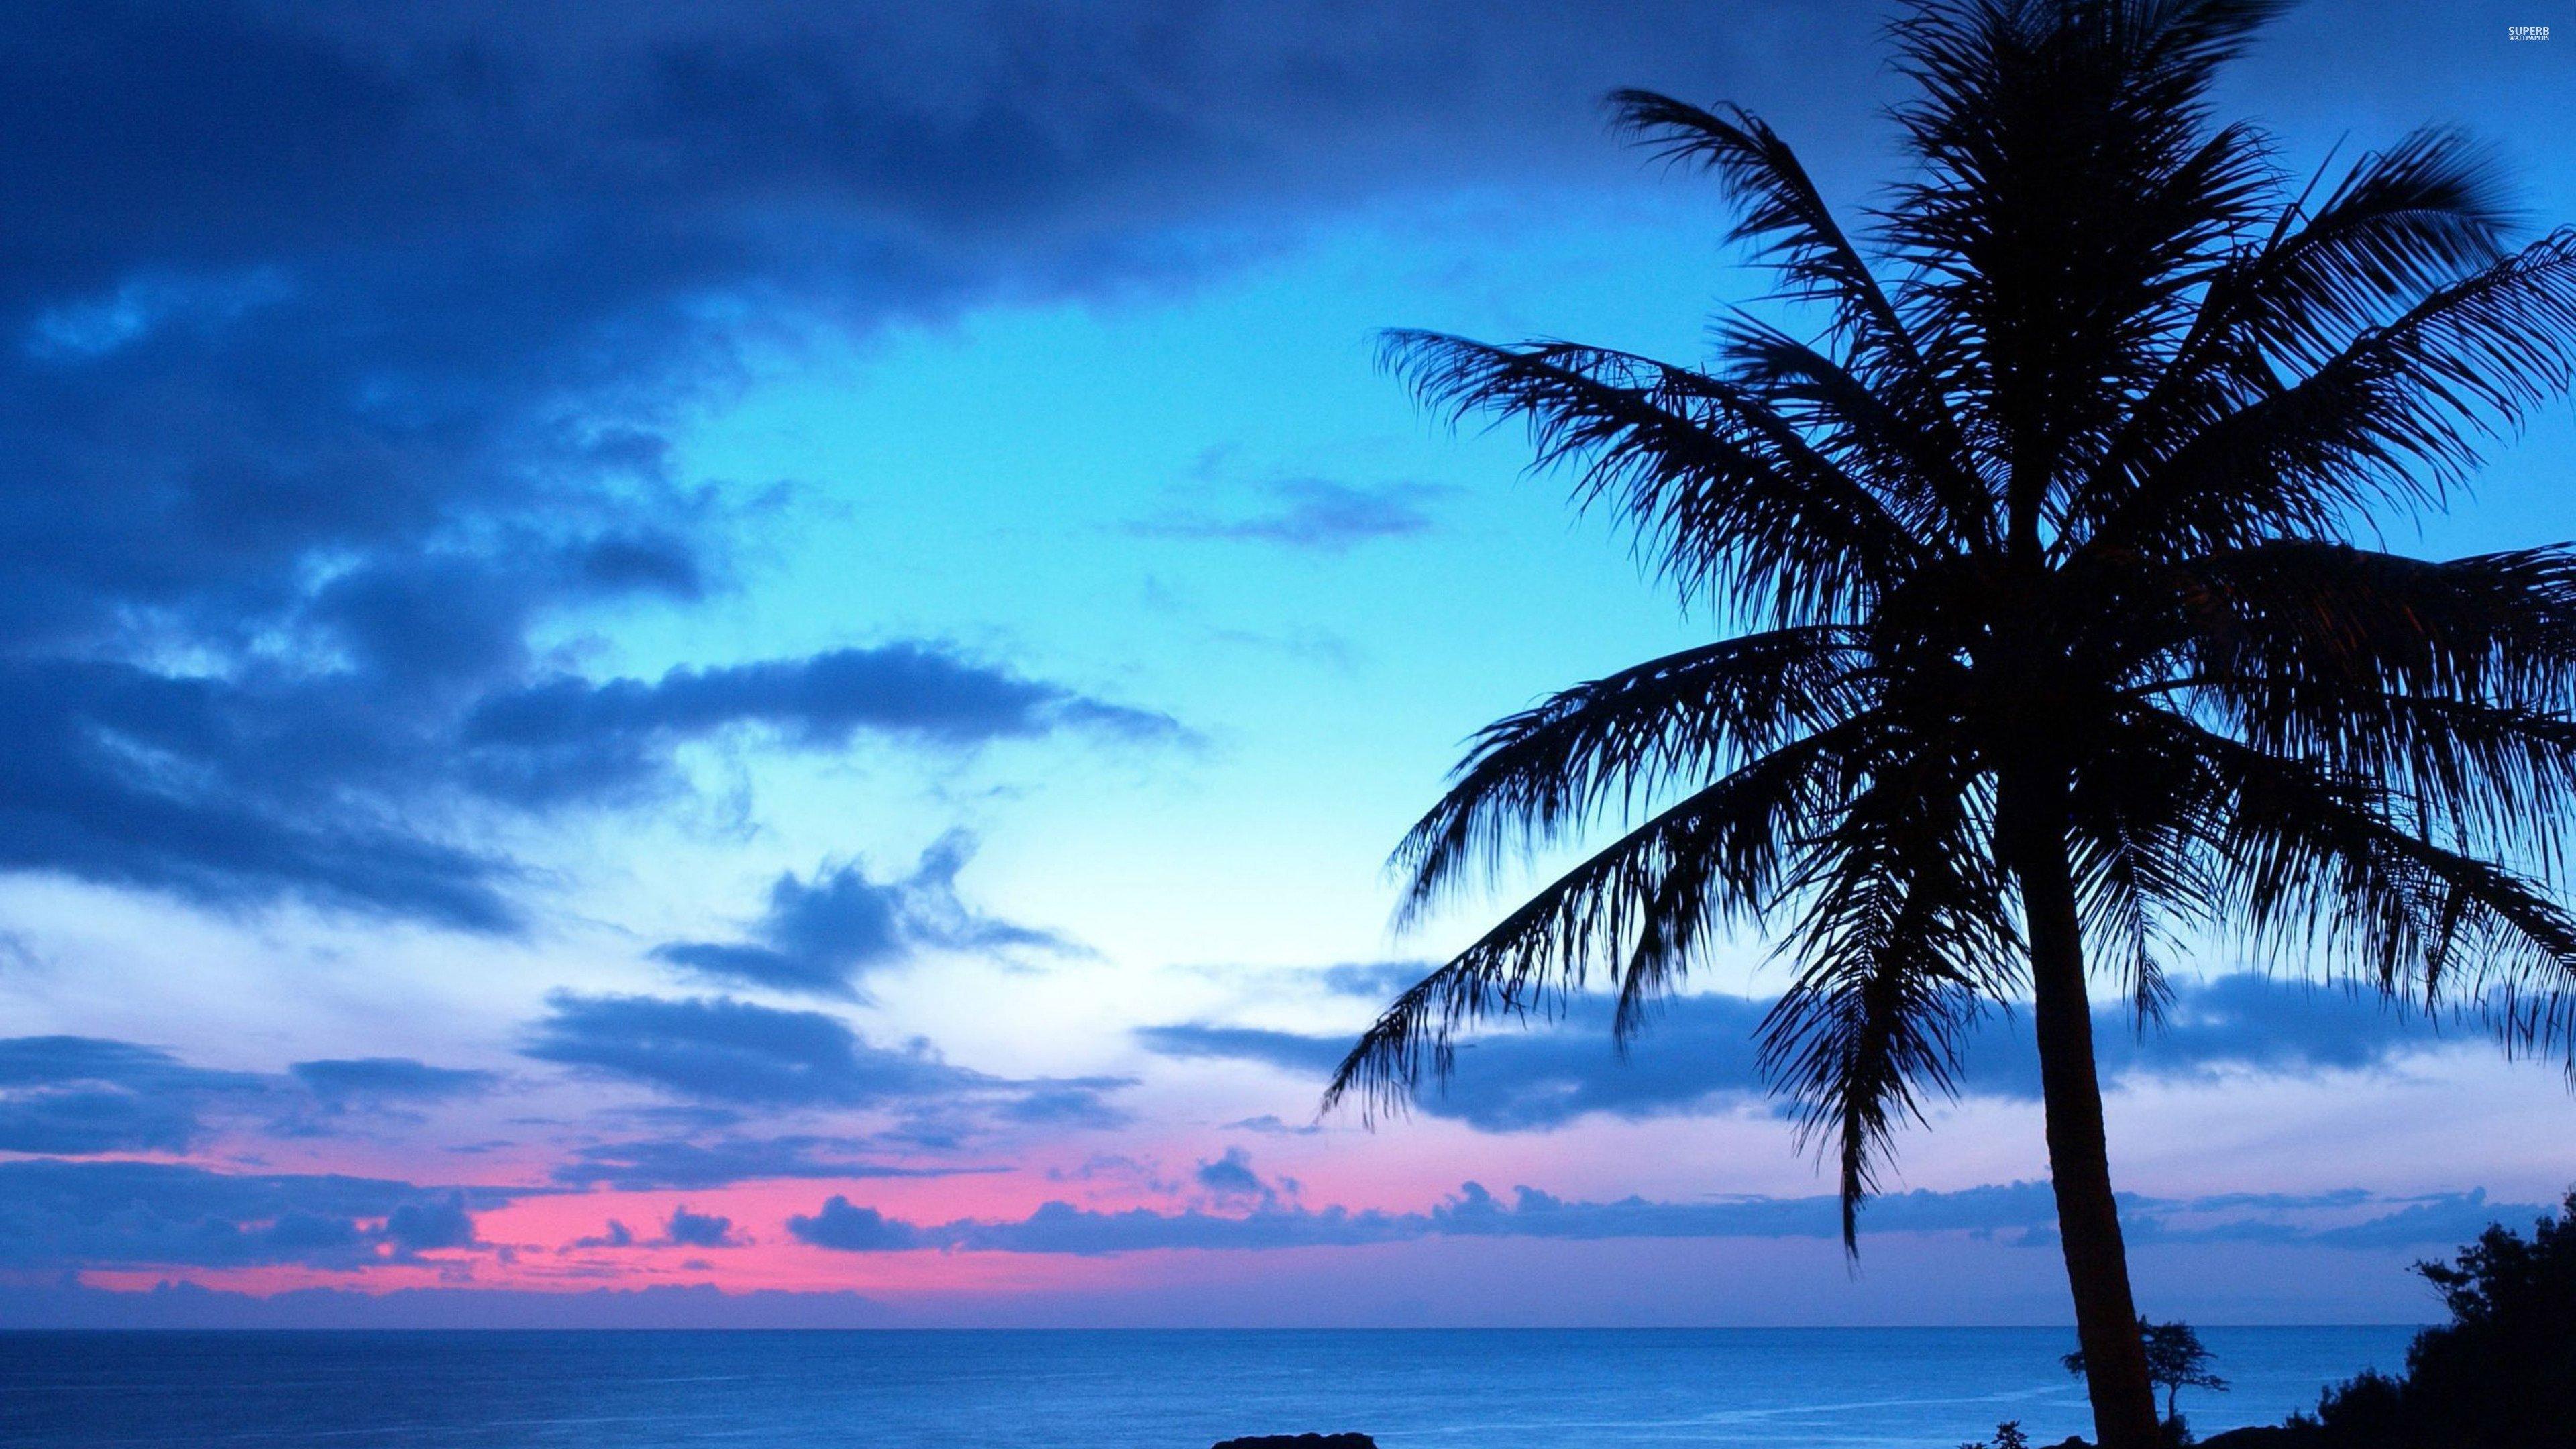 Blue-sunset-27271-3840x2160 wallpaper | 3840x2160 | 317469 ...